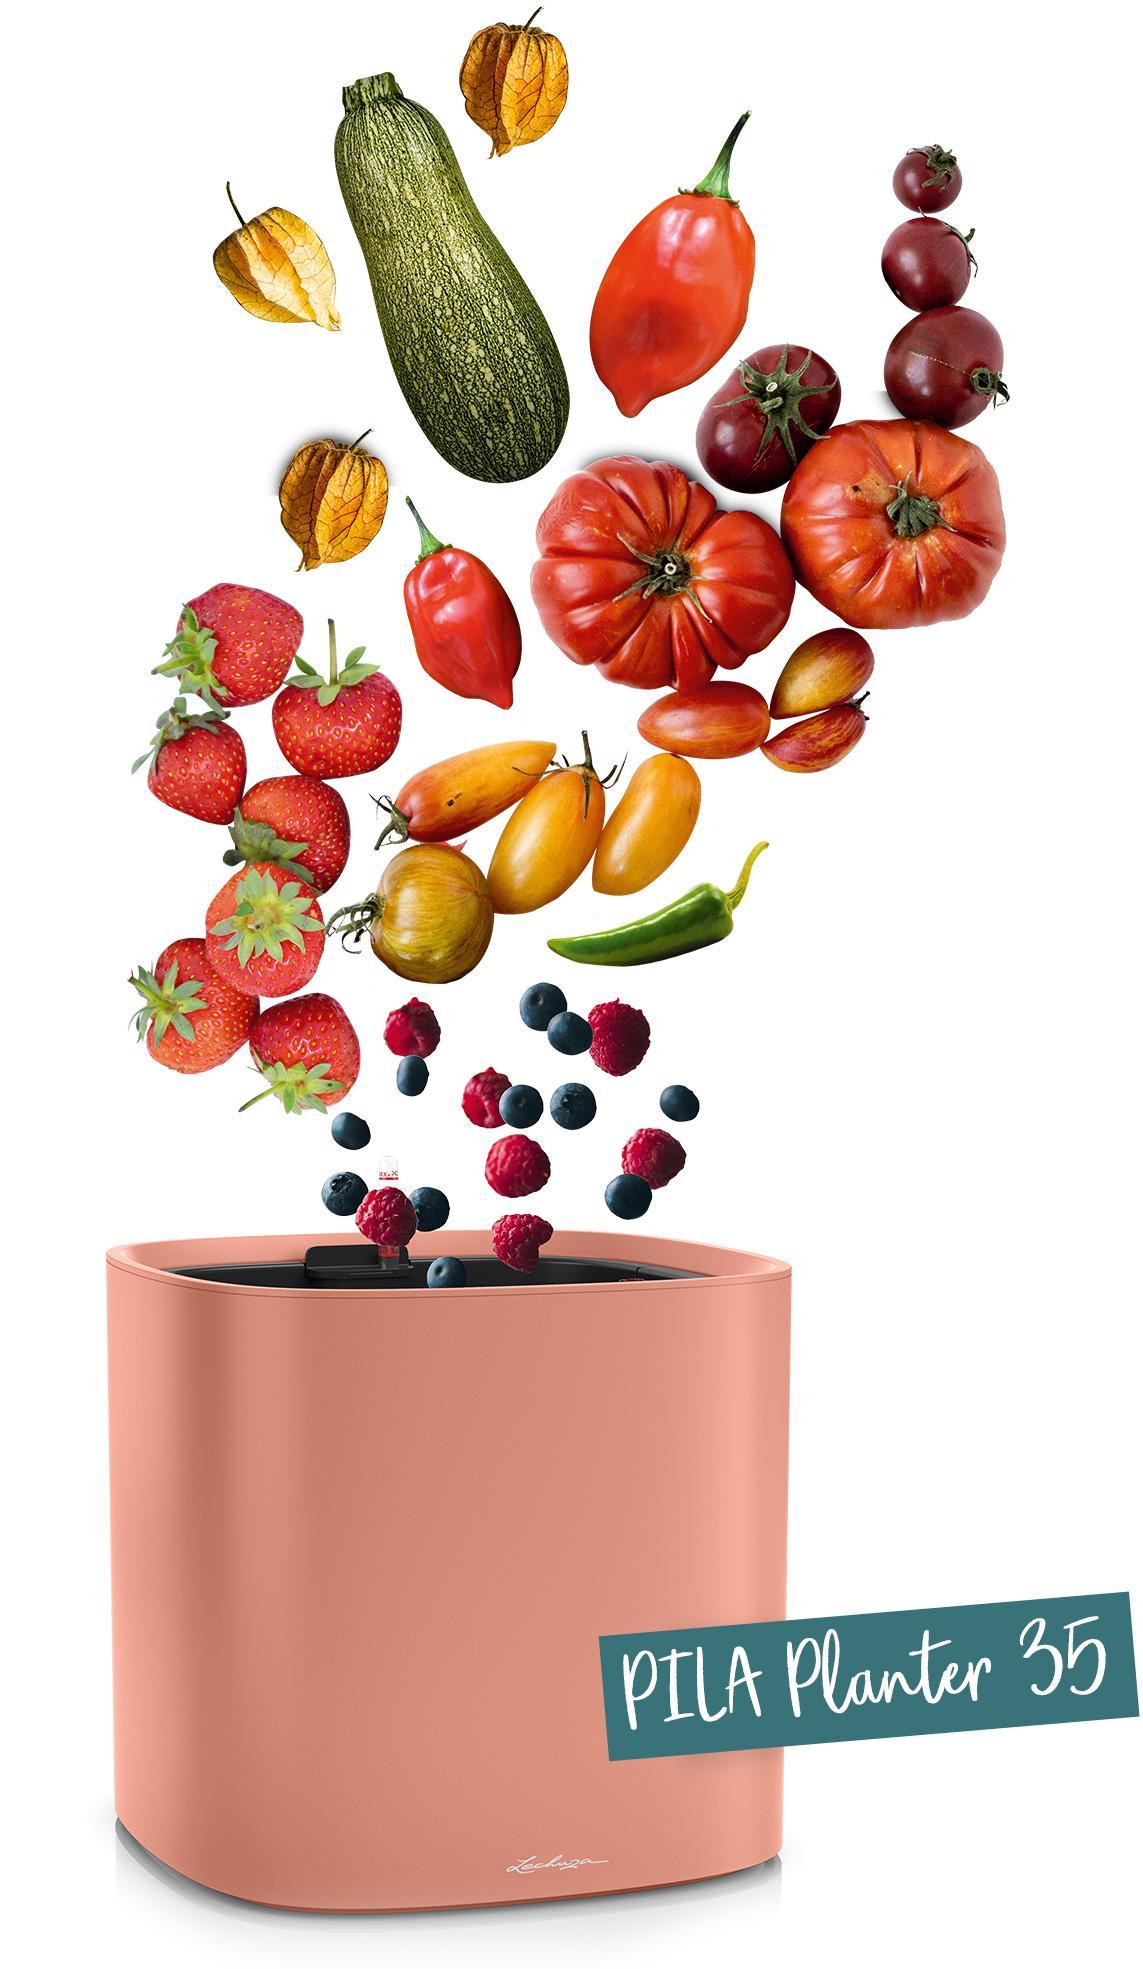 PILA Planter 35 рекомендуется для овощей и фруктов